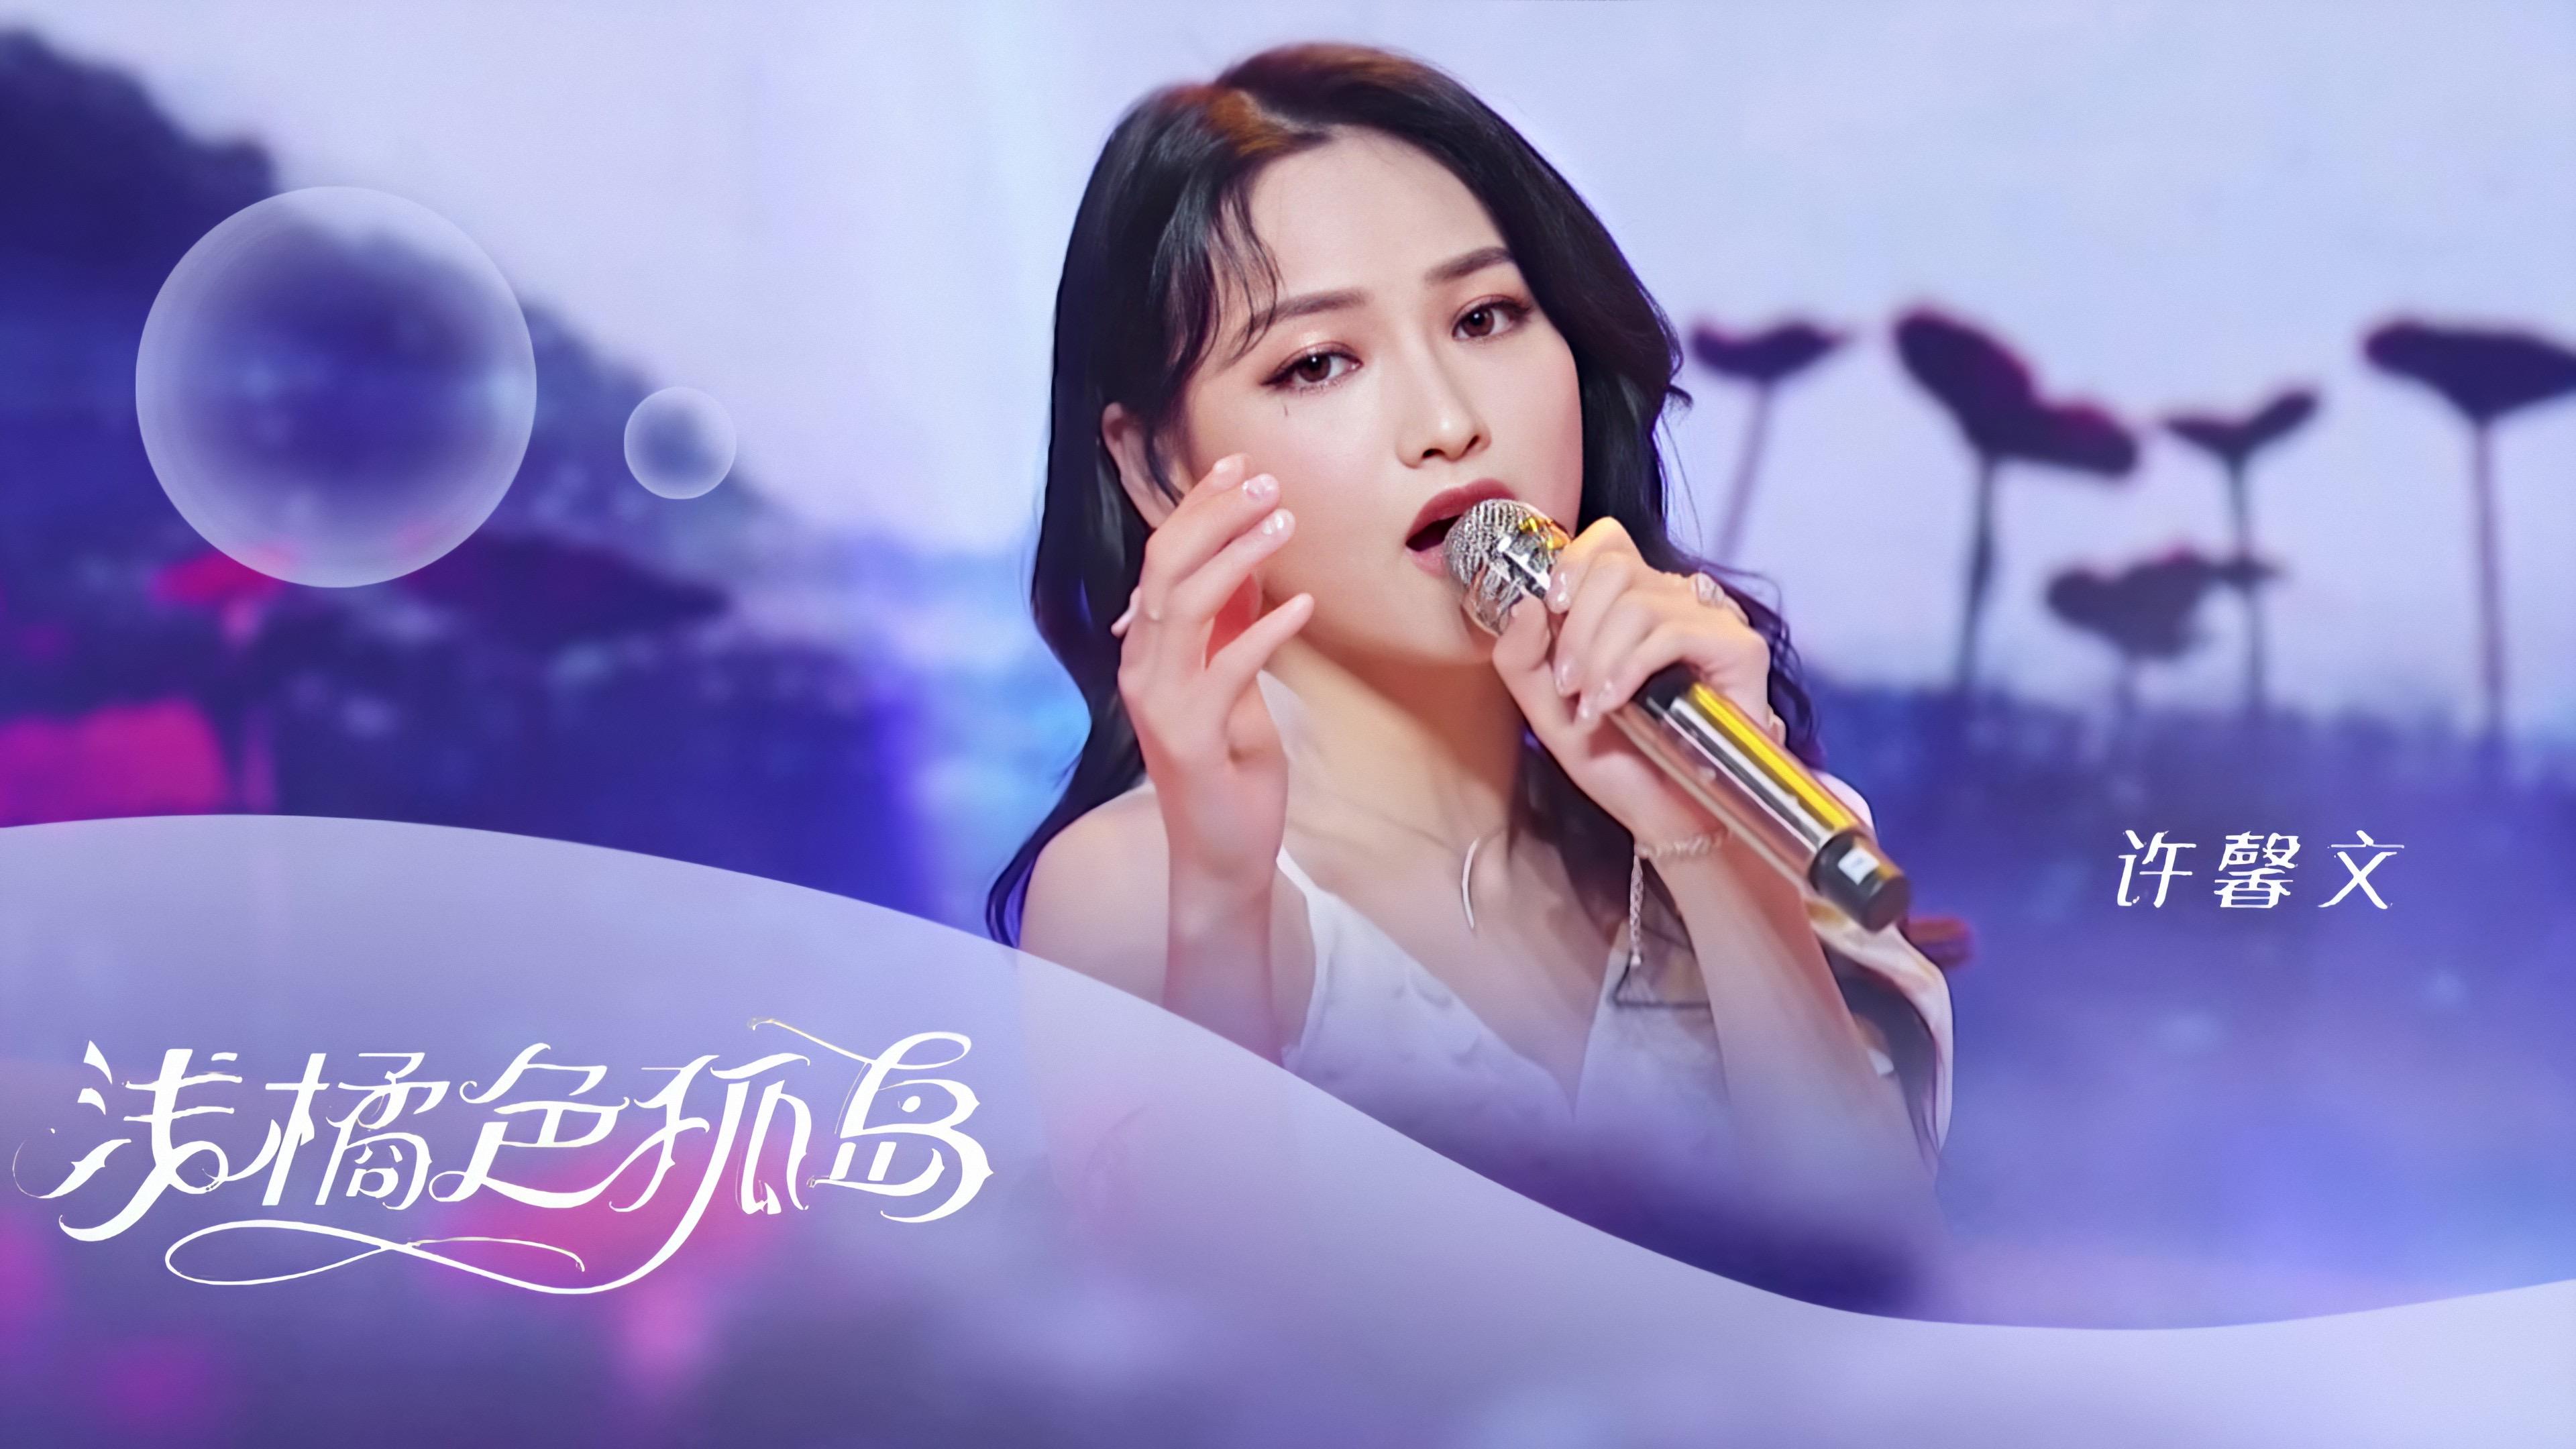 许馨文《青你2》主题考核魅力反转 爵士烟嗓获蔡徐坤好评